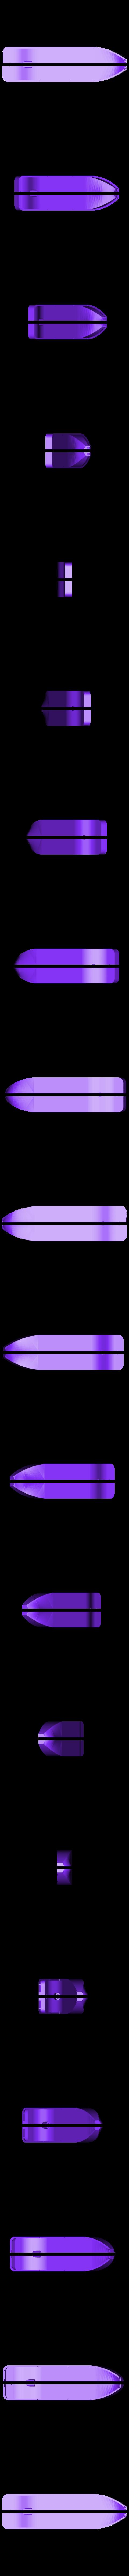 TRUPsoftLvetsi dira pro hridel.stl Download STL file MONAKO RC MODEL BOAT TUG • 3D printable template, maca-artwork